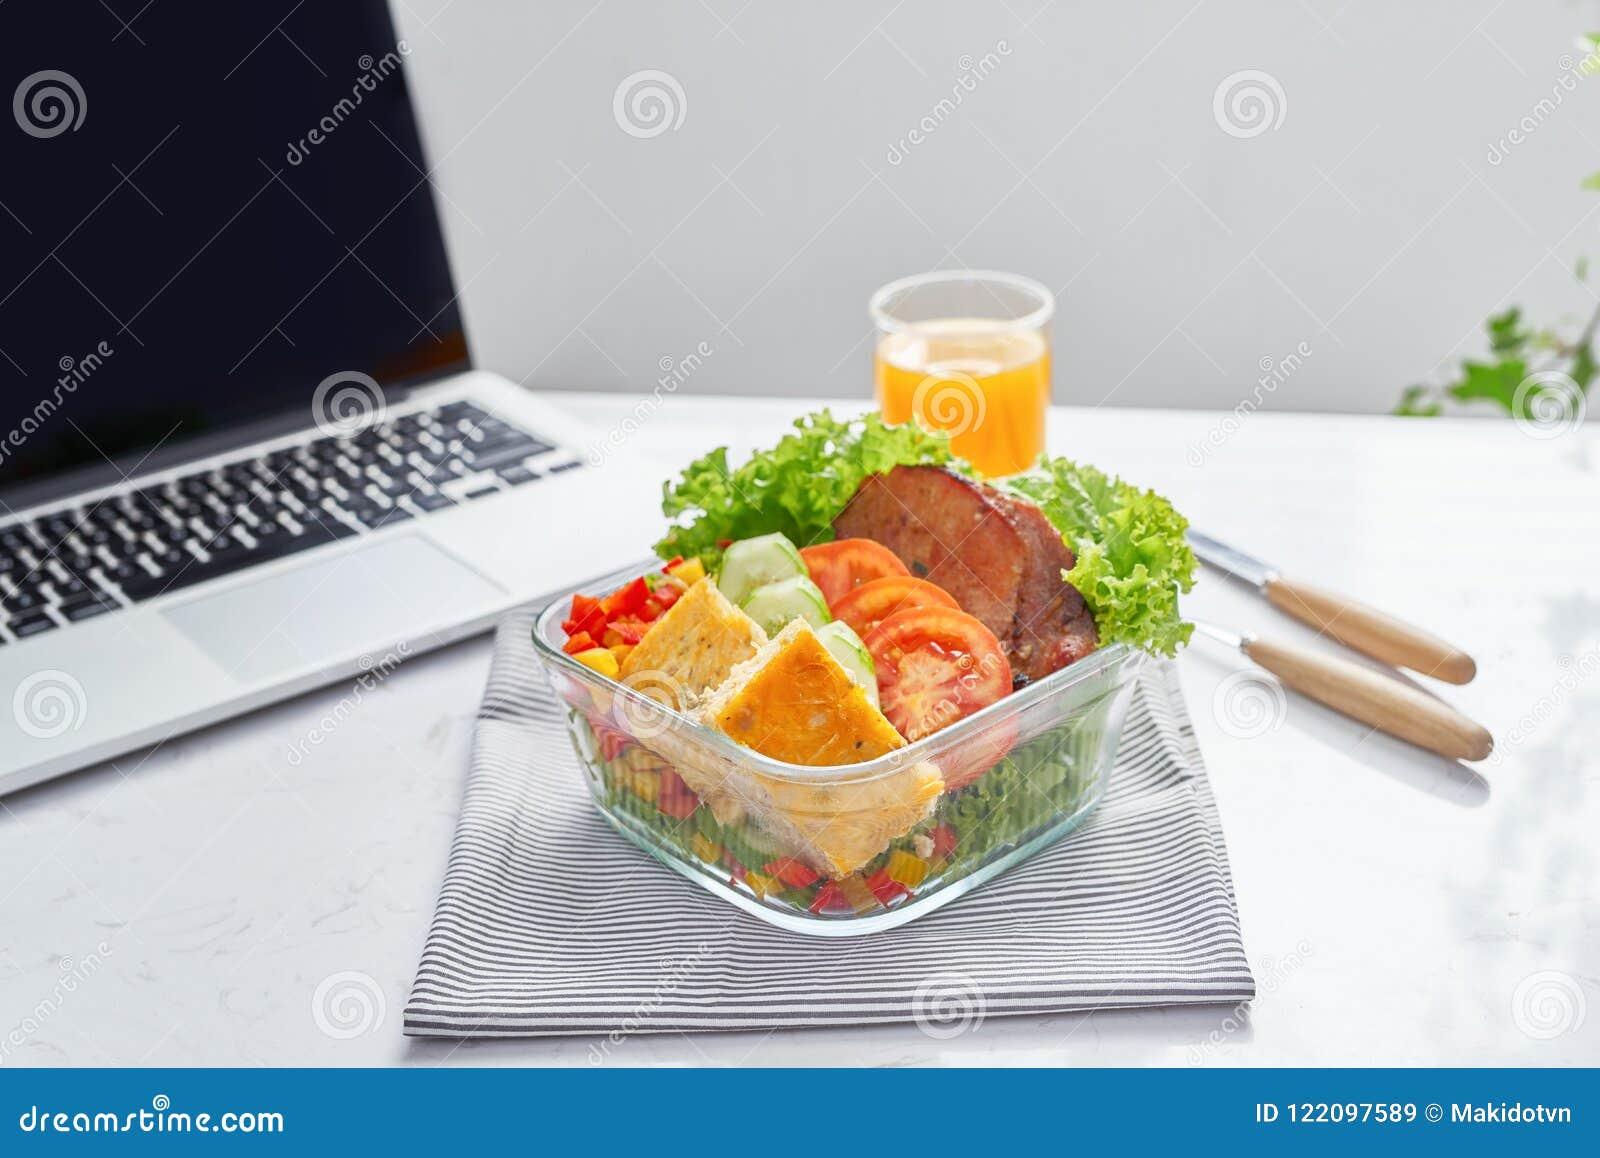 Het gezonde eten voor lunch om te werken Voedsel in het bureau